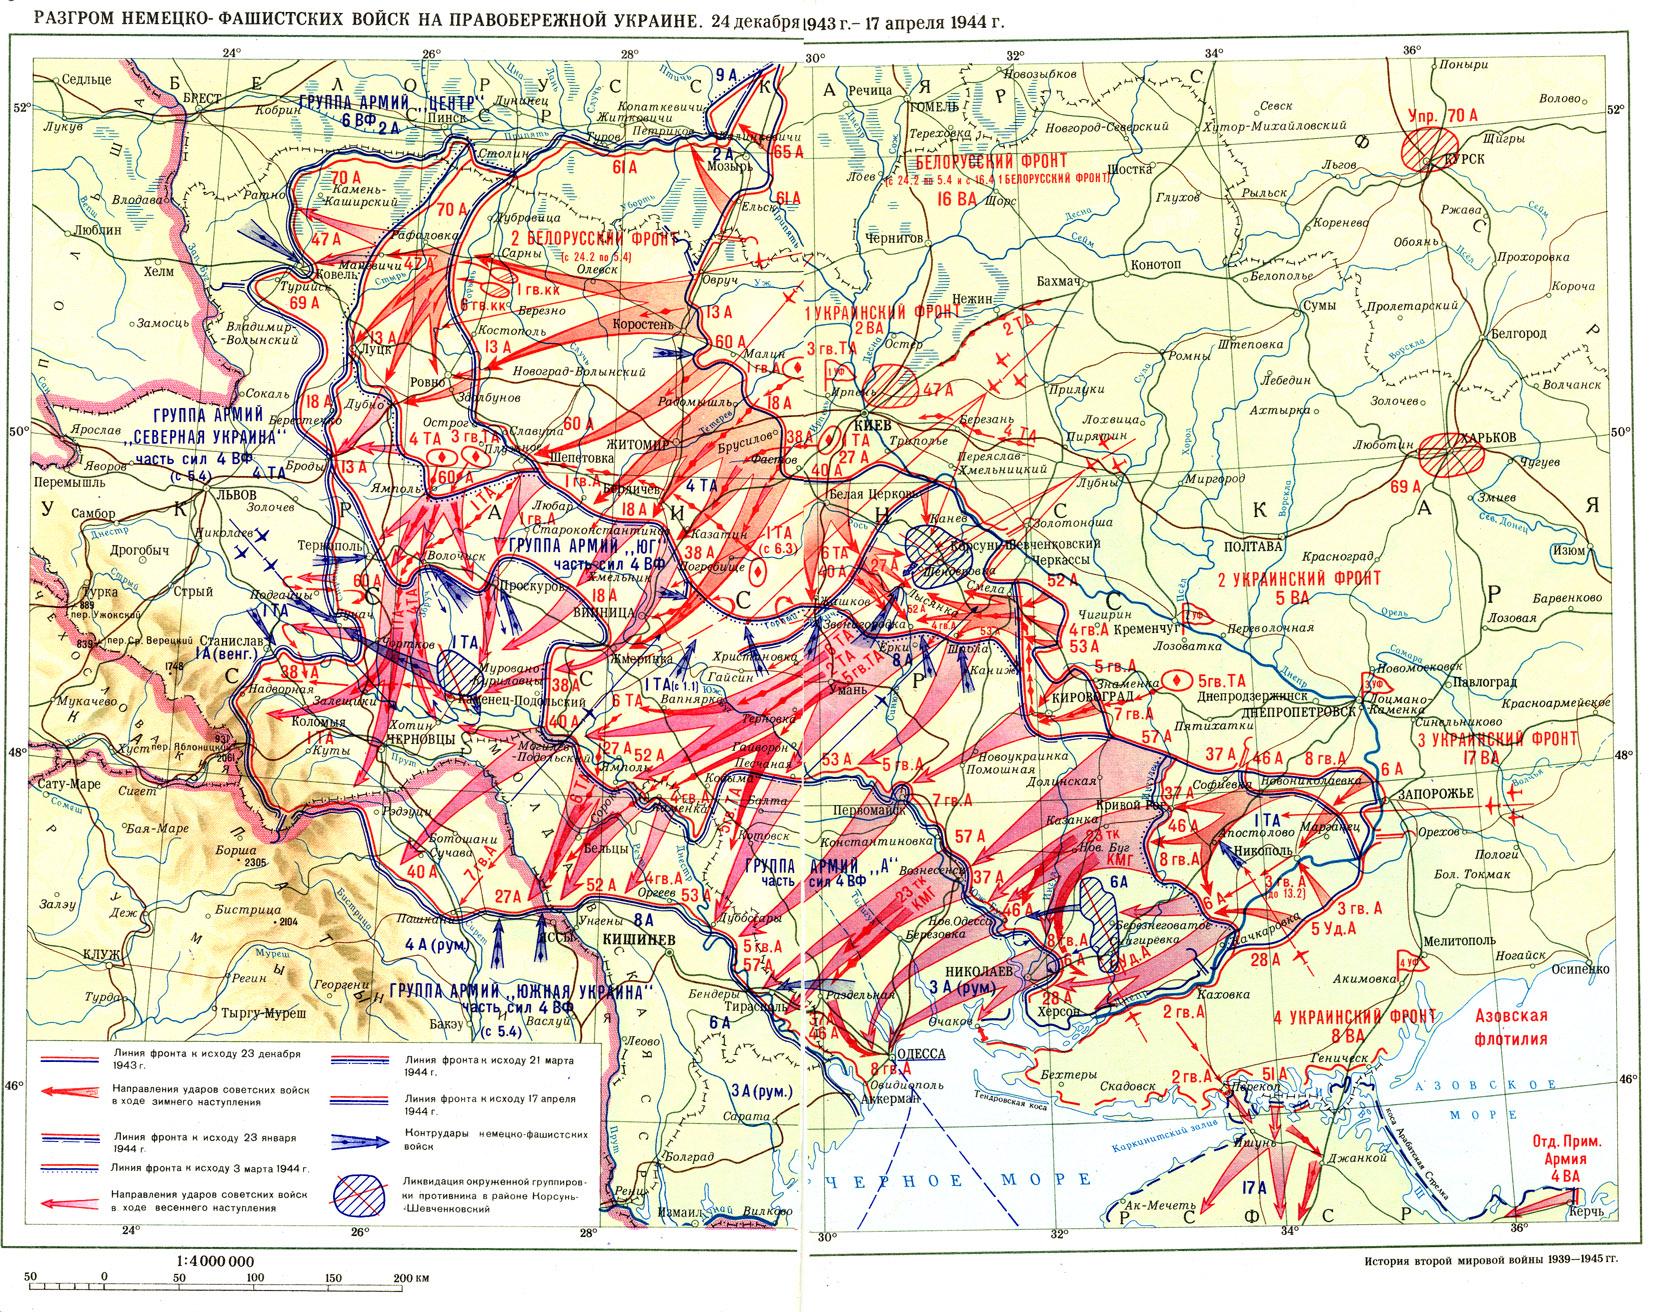 зарегистрирована на: вов на кировоградщене 1941-1945 украина занятиях спортом термобелье